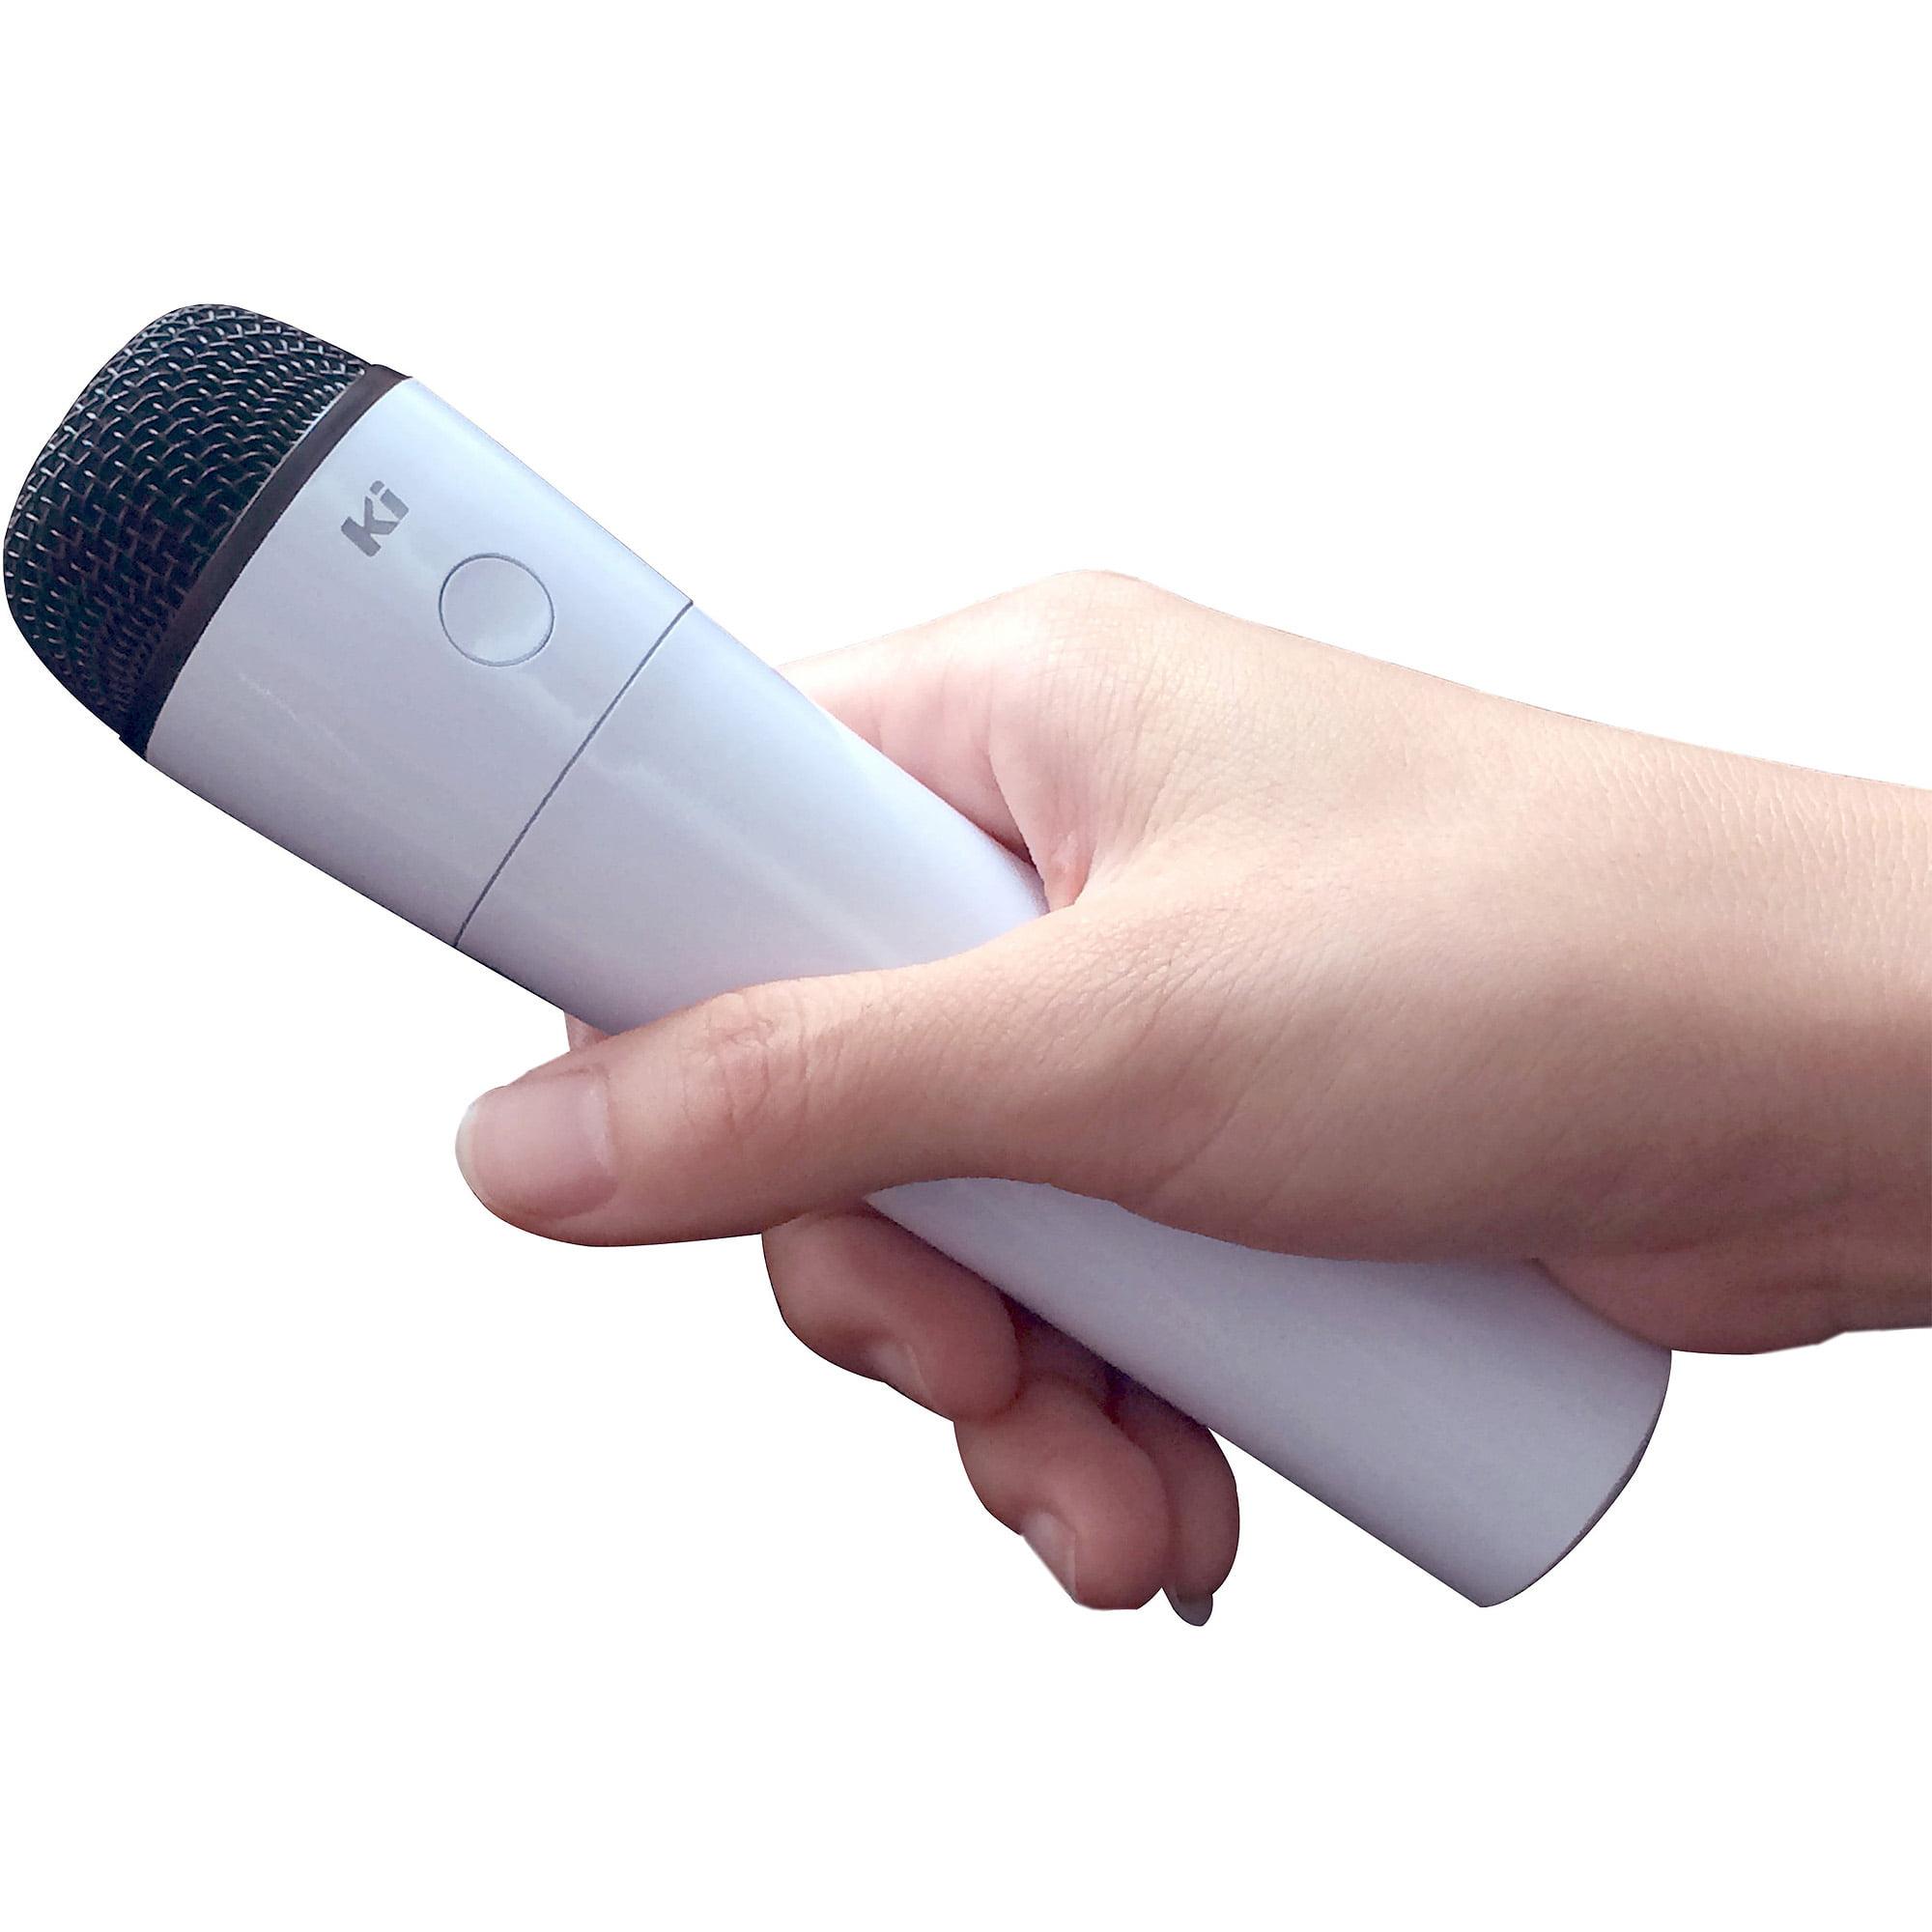 MOXXI GO Karaoke, Wireless FM